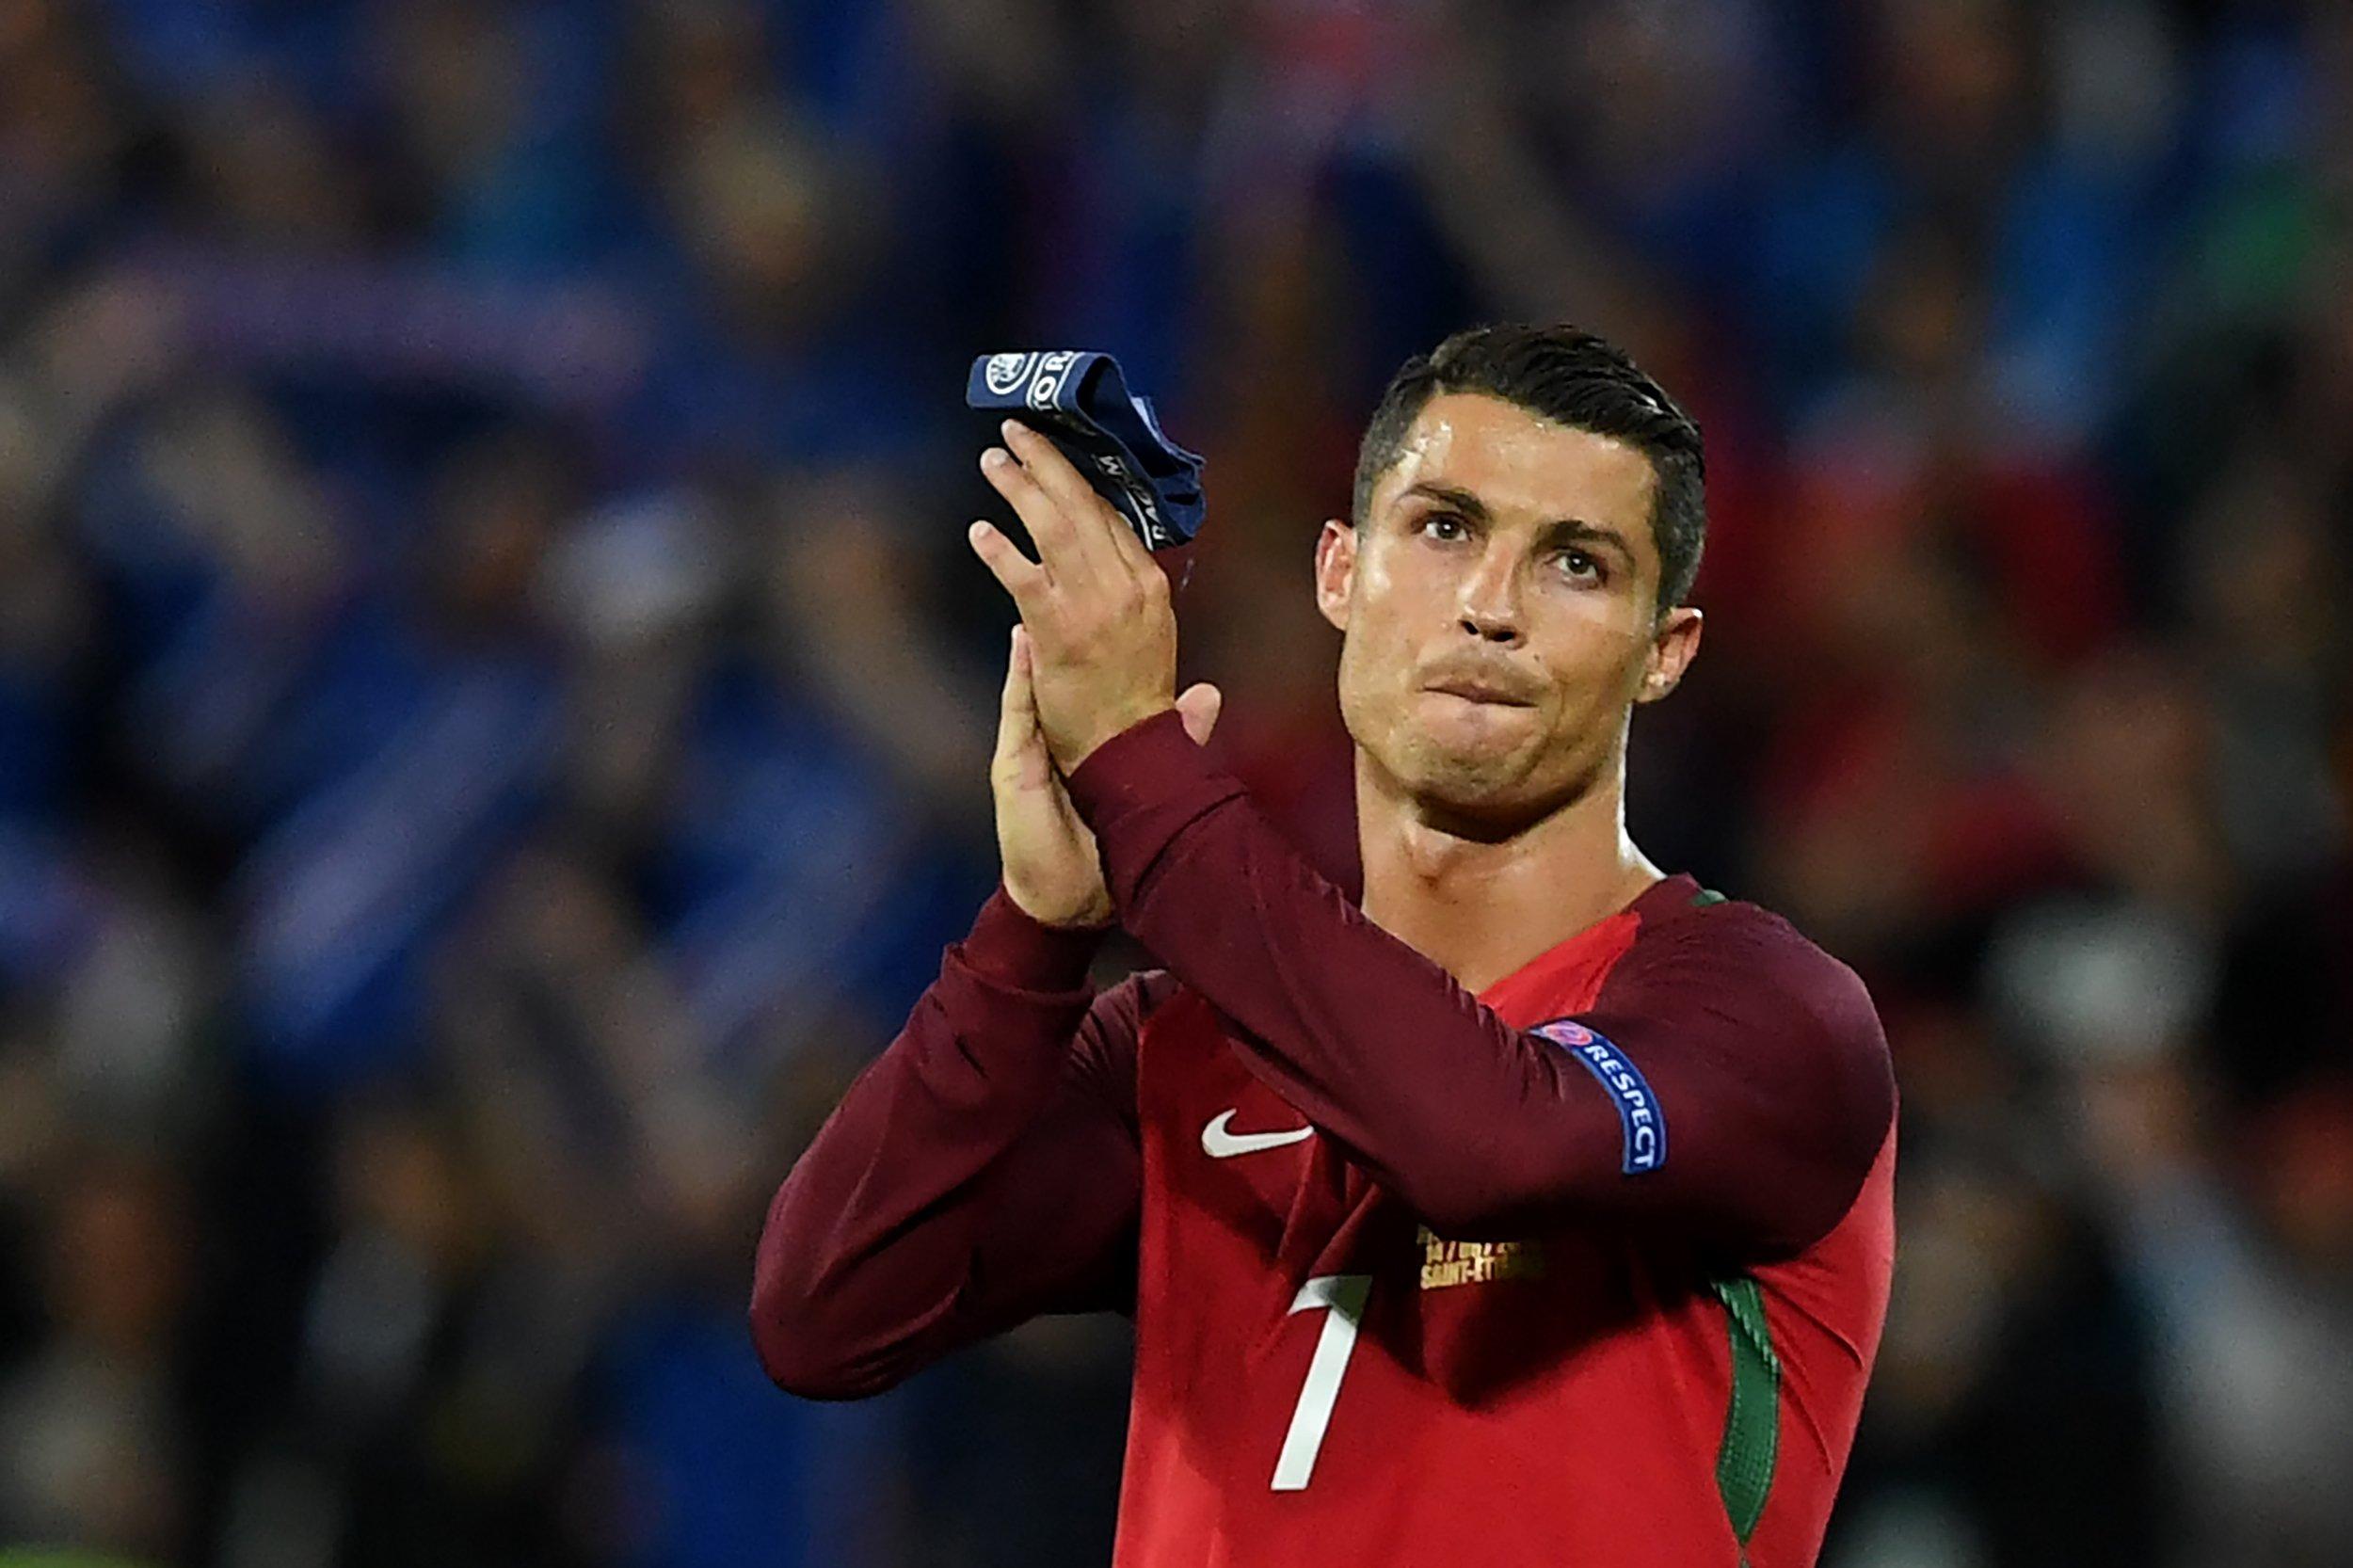 Portugal star Cristiano Ronaldo